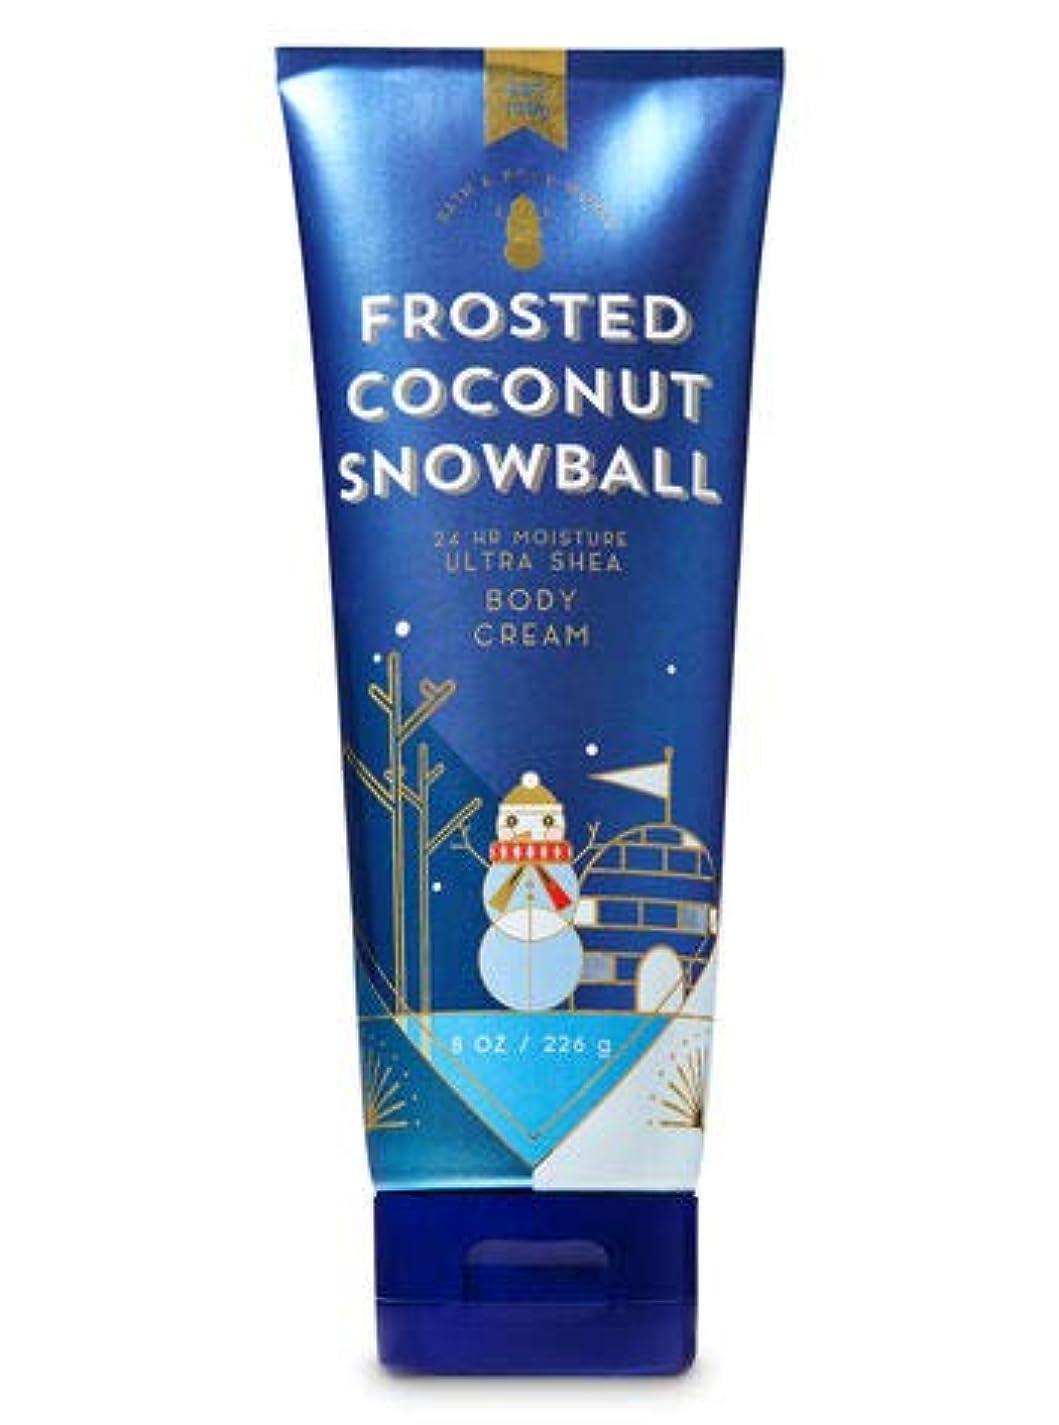 してはいけないメロドラマ衣装【Bath&Body Works/バス&ボディワークス】 ボディクリーム Frosted フロステッドココナッツスノーボール Ultra Shea Body Cream Frosted Coconut Snowball 8 oz / 226 g [並行輸入品]